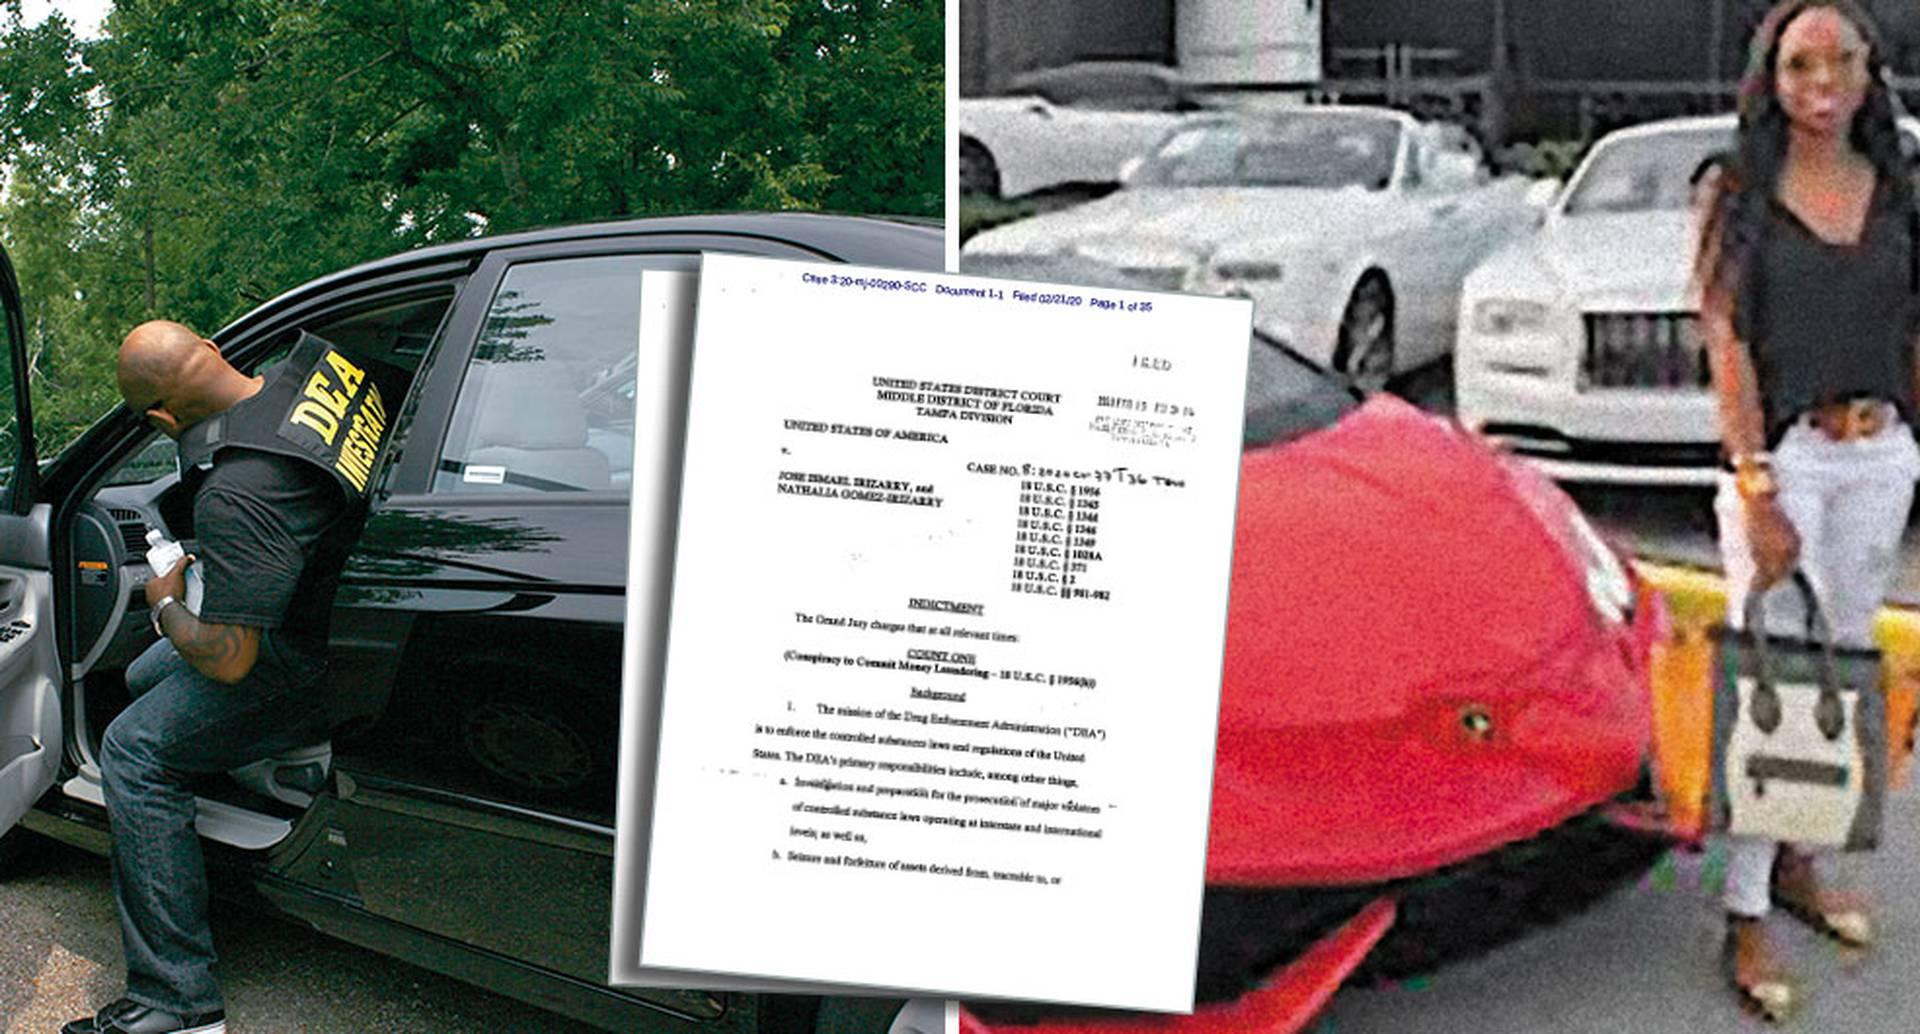 La acusación contra José Irizarry, agente de la DEA, menciona la compra de carros lujosos con dinero desviado ilegalmente. Uno de esos sería el Lamborghini incautado a los Ambuila.